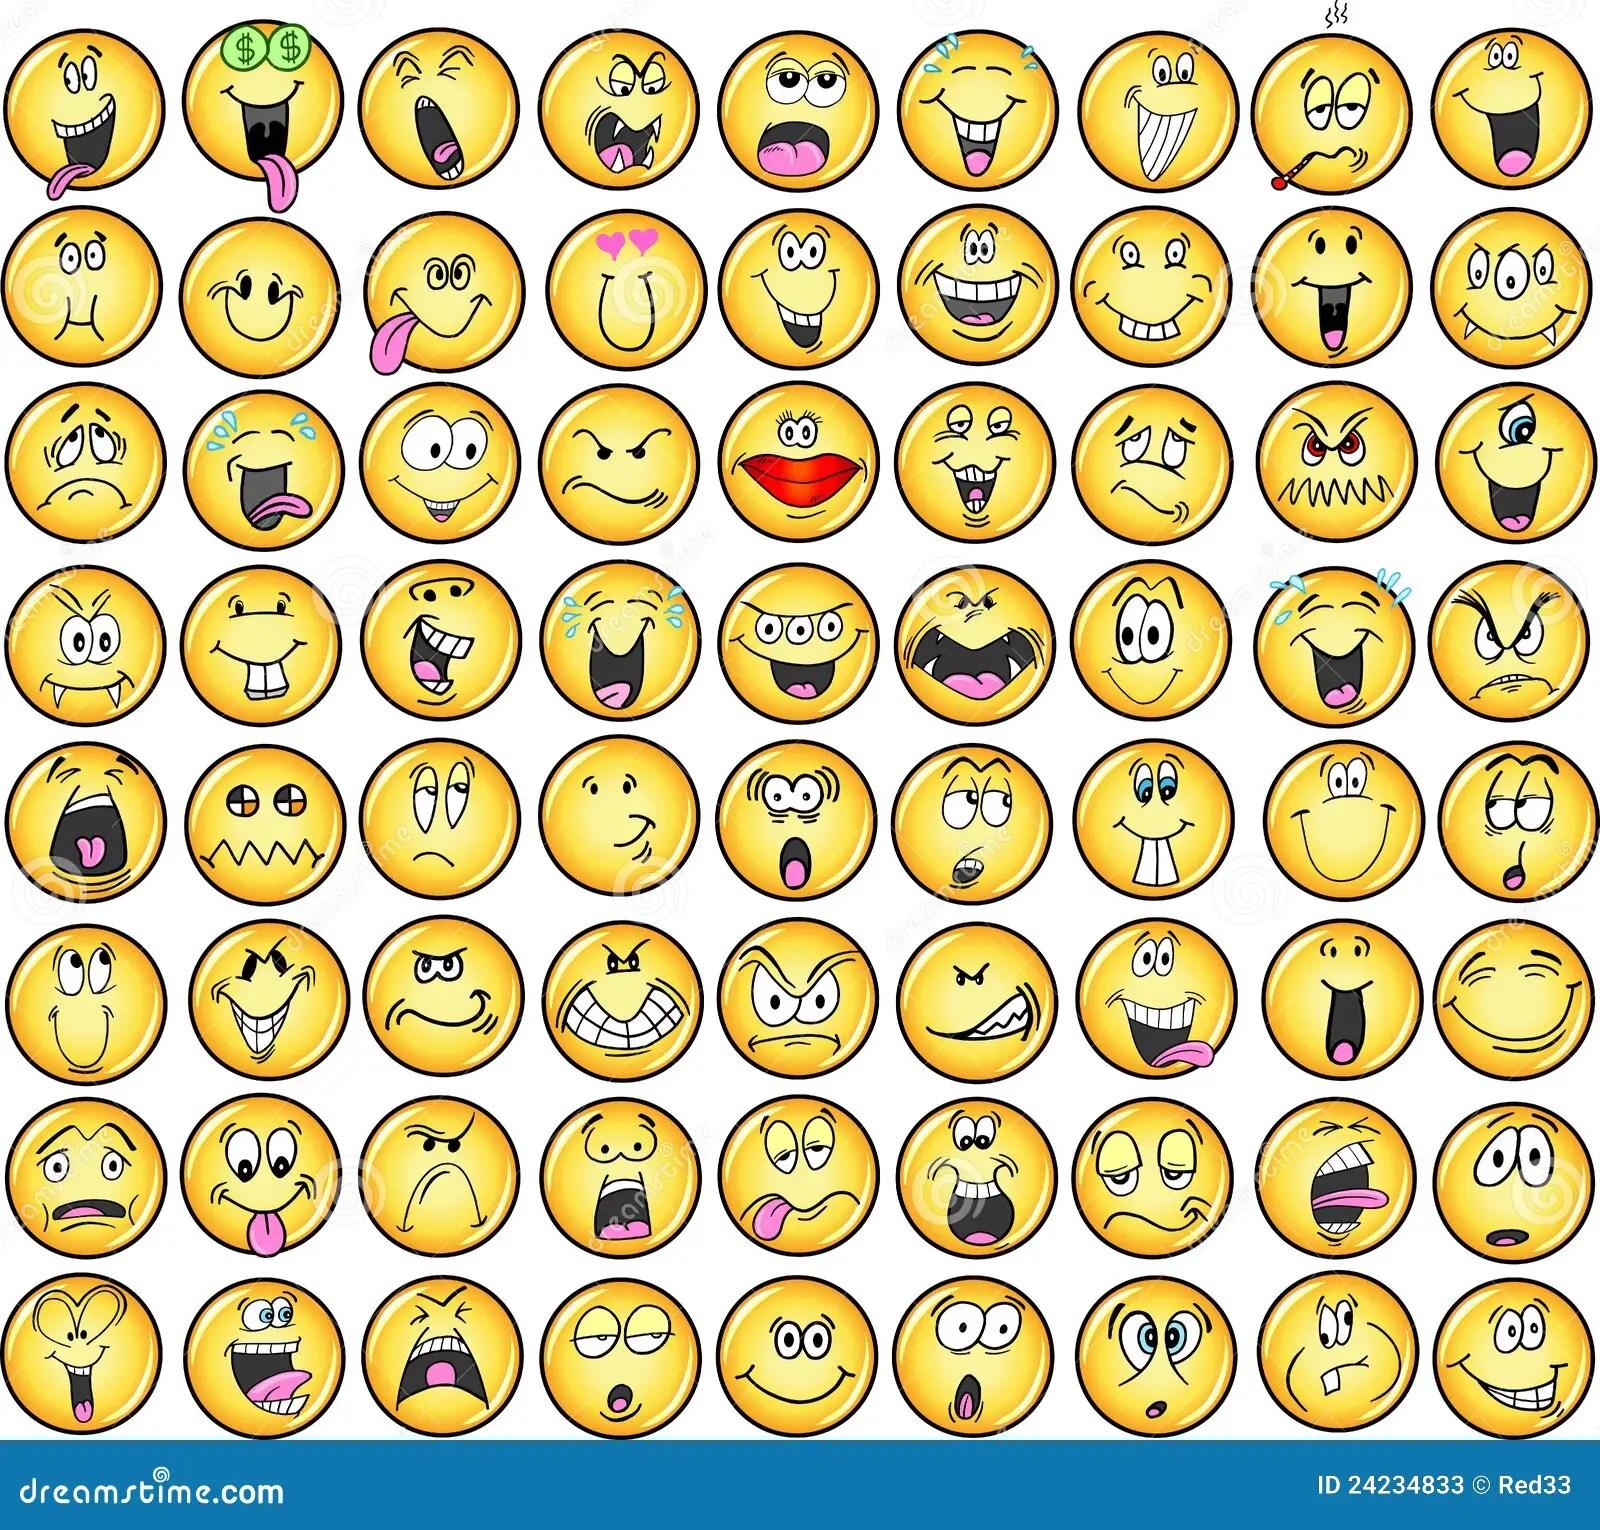 Icones Do Vetor Da Emocao Dos Emoticons Fotos De Stock